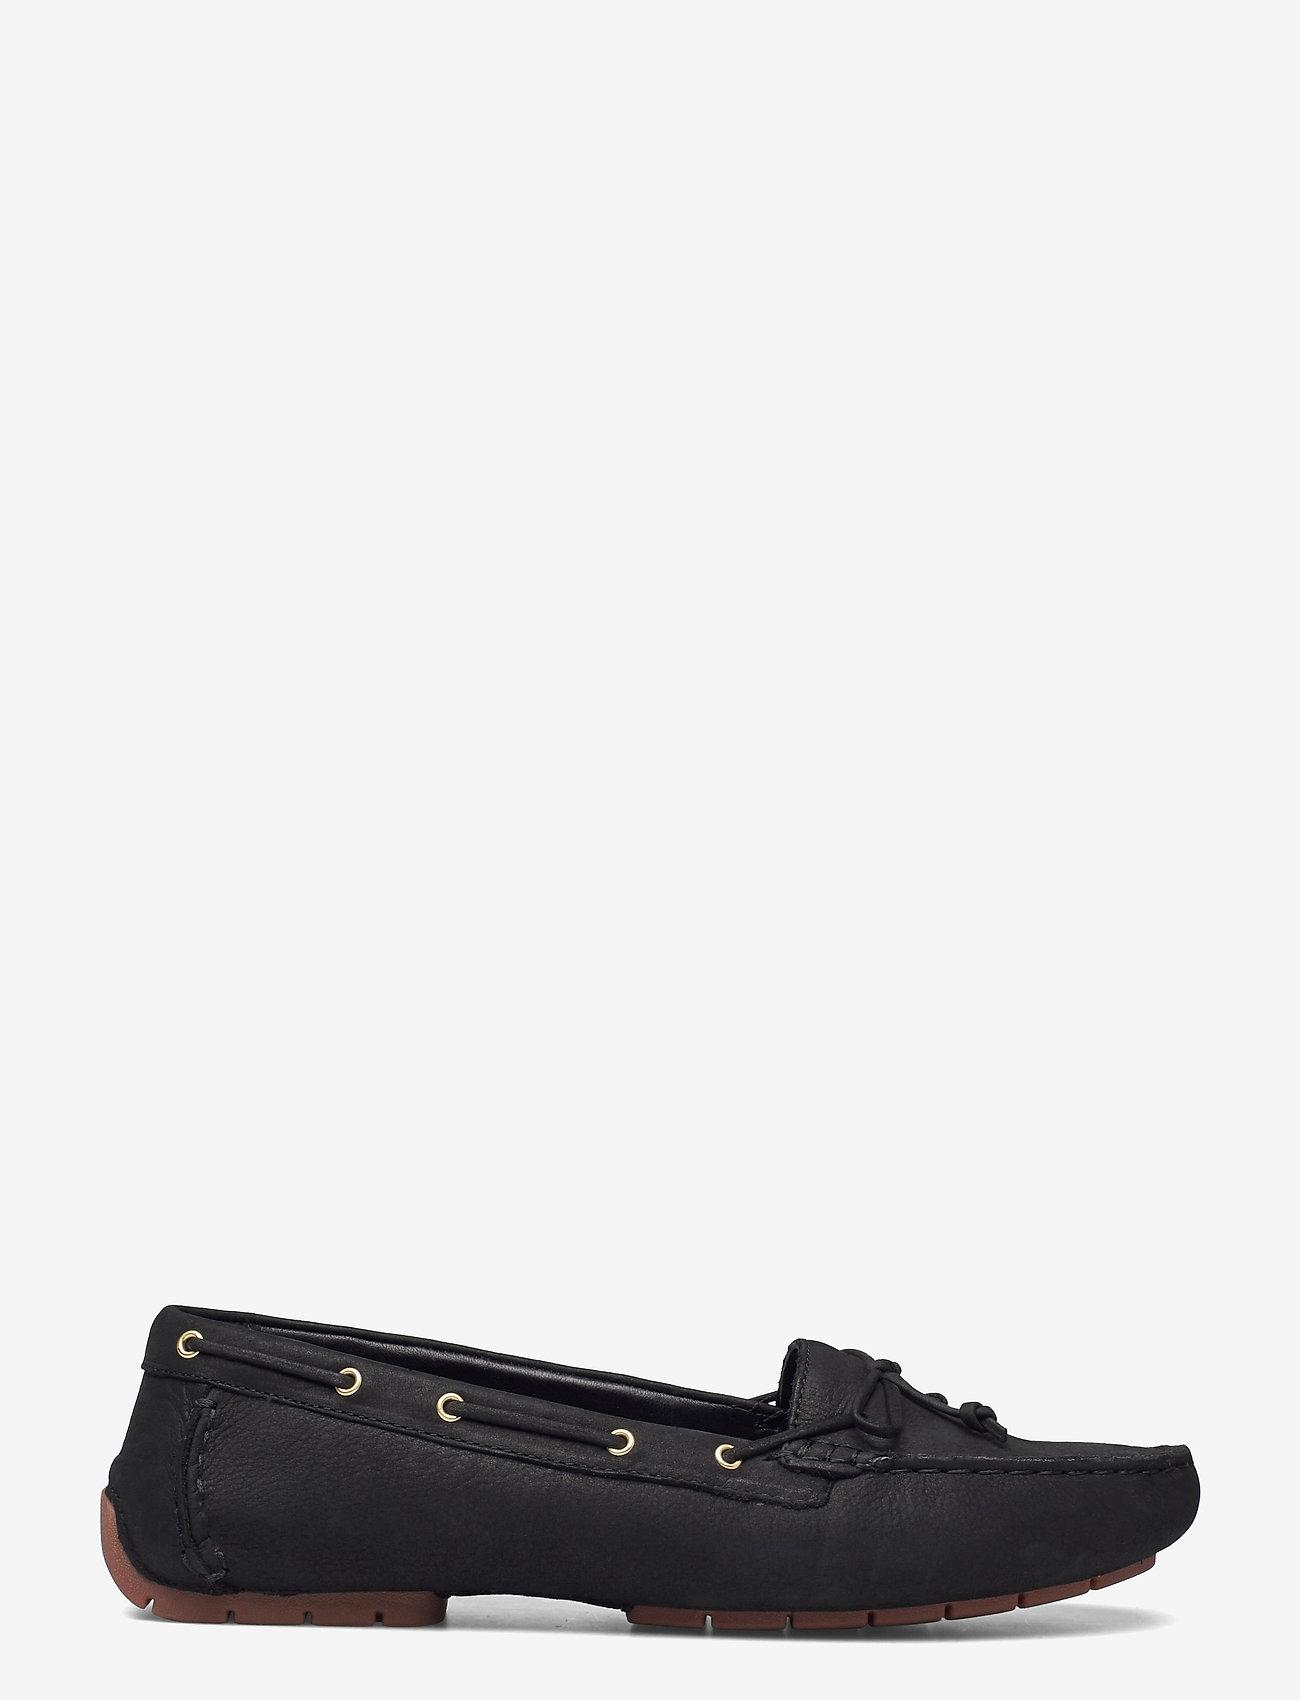 Clarks - C Mocc Boat2 - loafers - black nubuck - 1